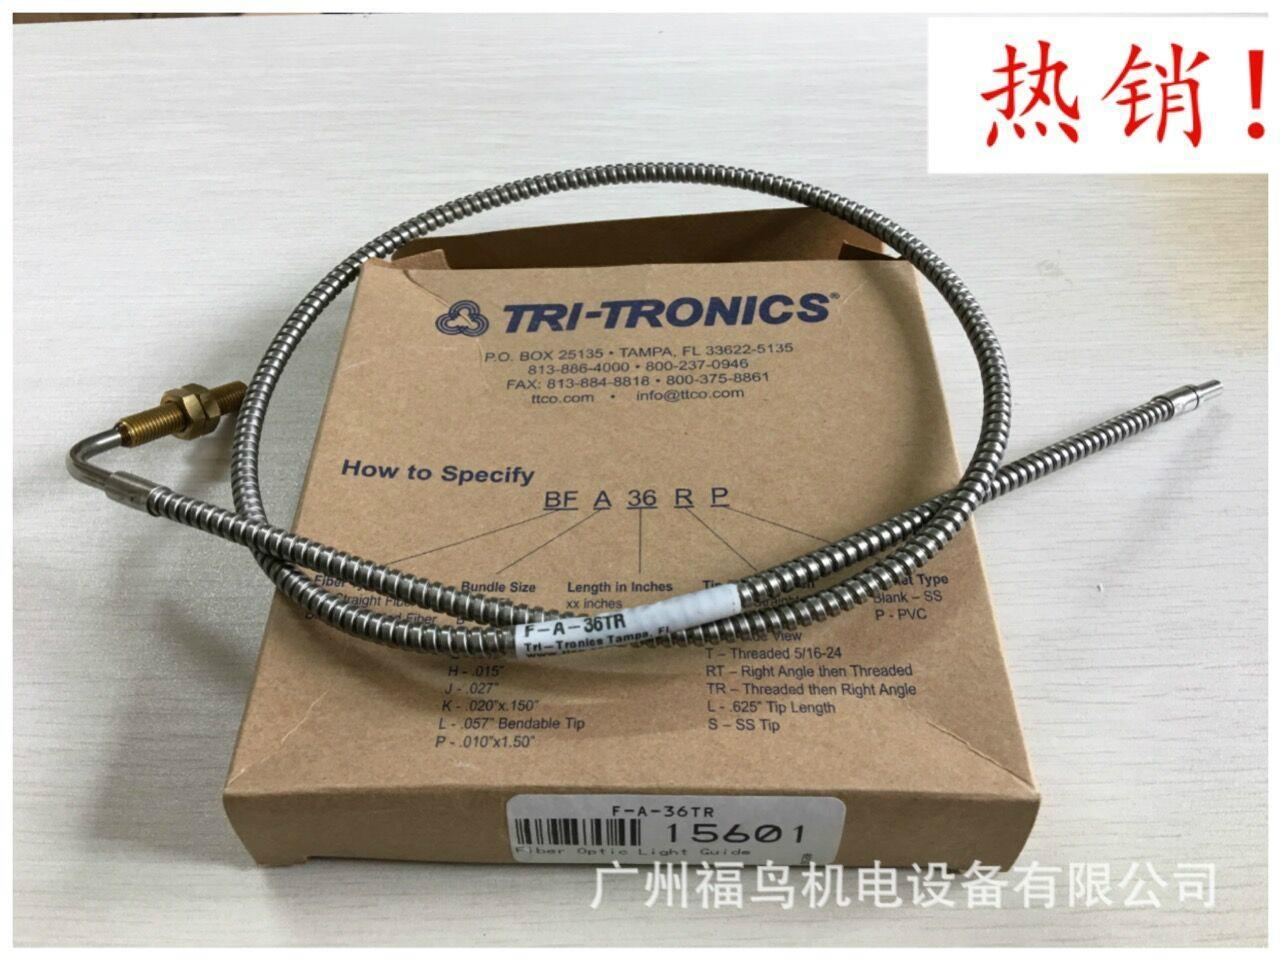 TRI-TRONICS光纤, 型号: F-A-36TR